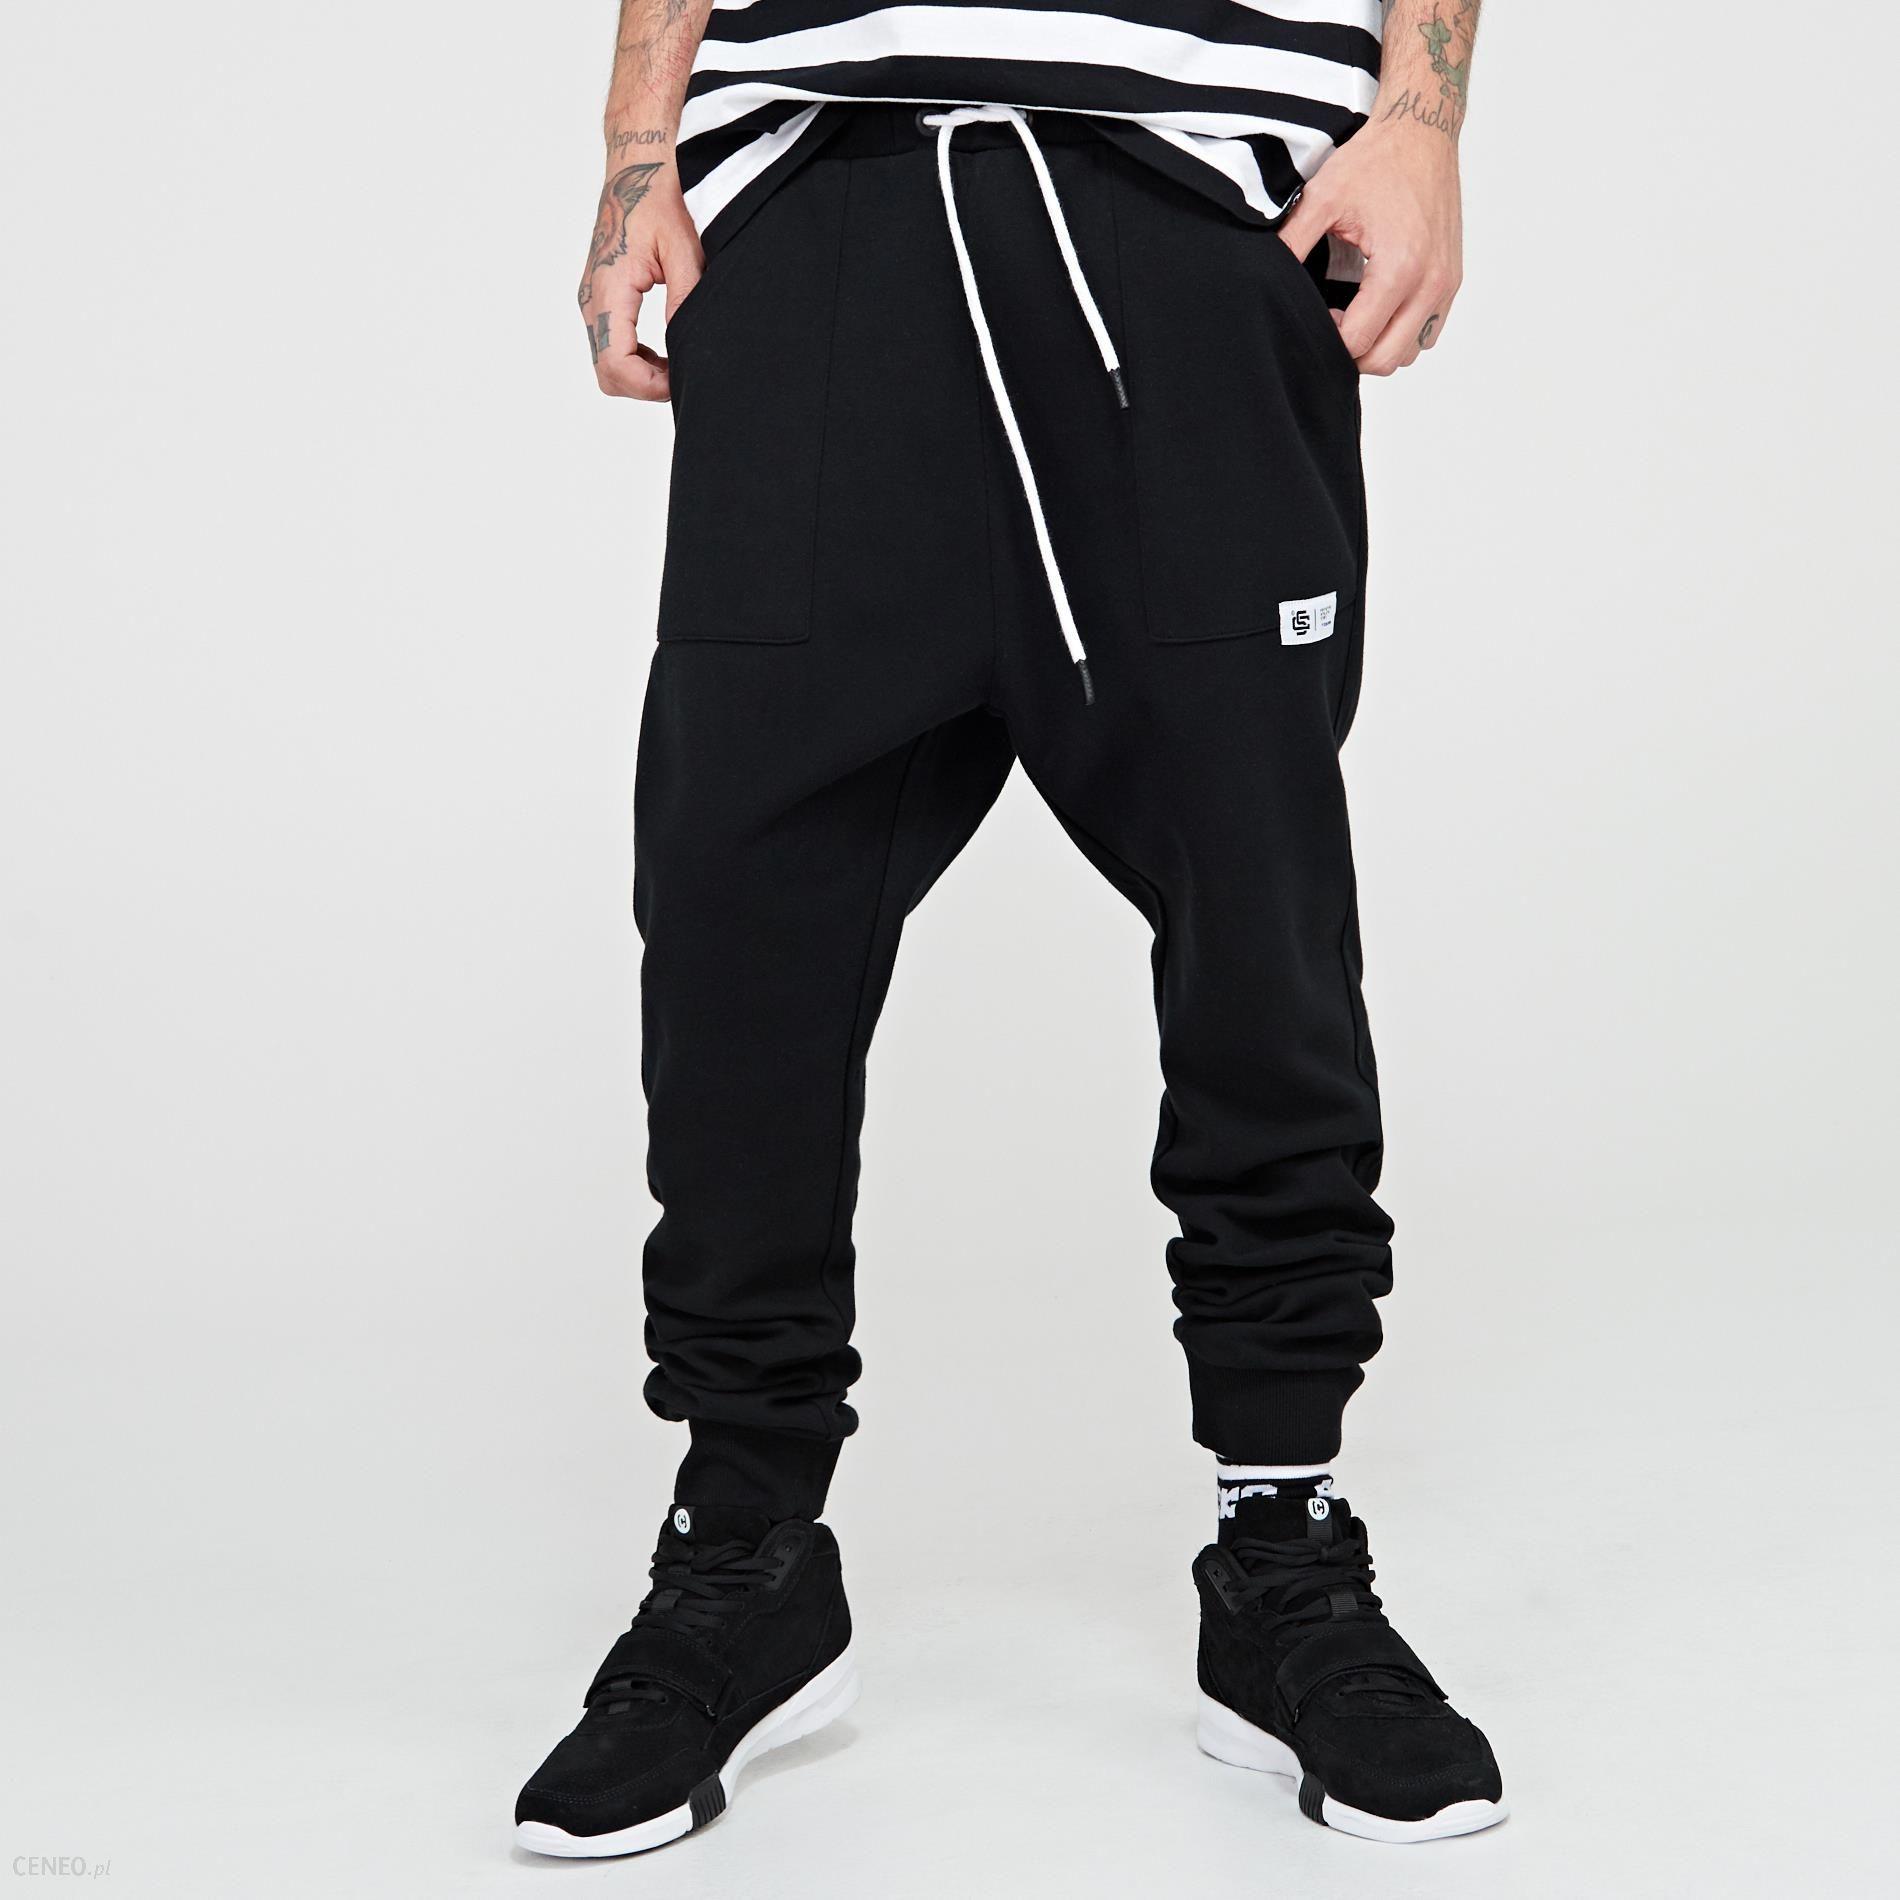 5299a51404ee Cropp - Spodnie dresowe baggy - Czarny - damski - Ceny i opinie ...